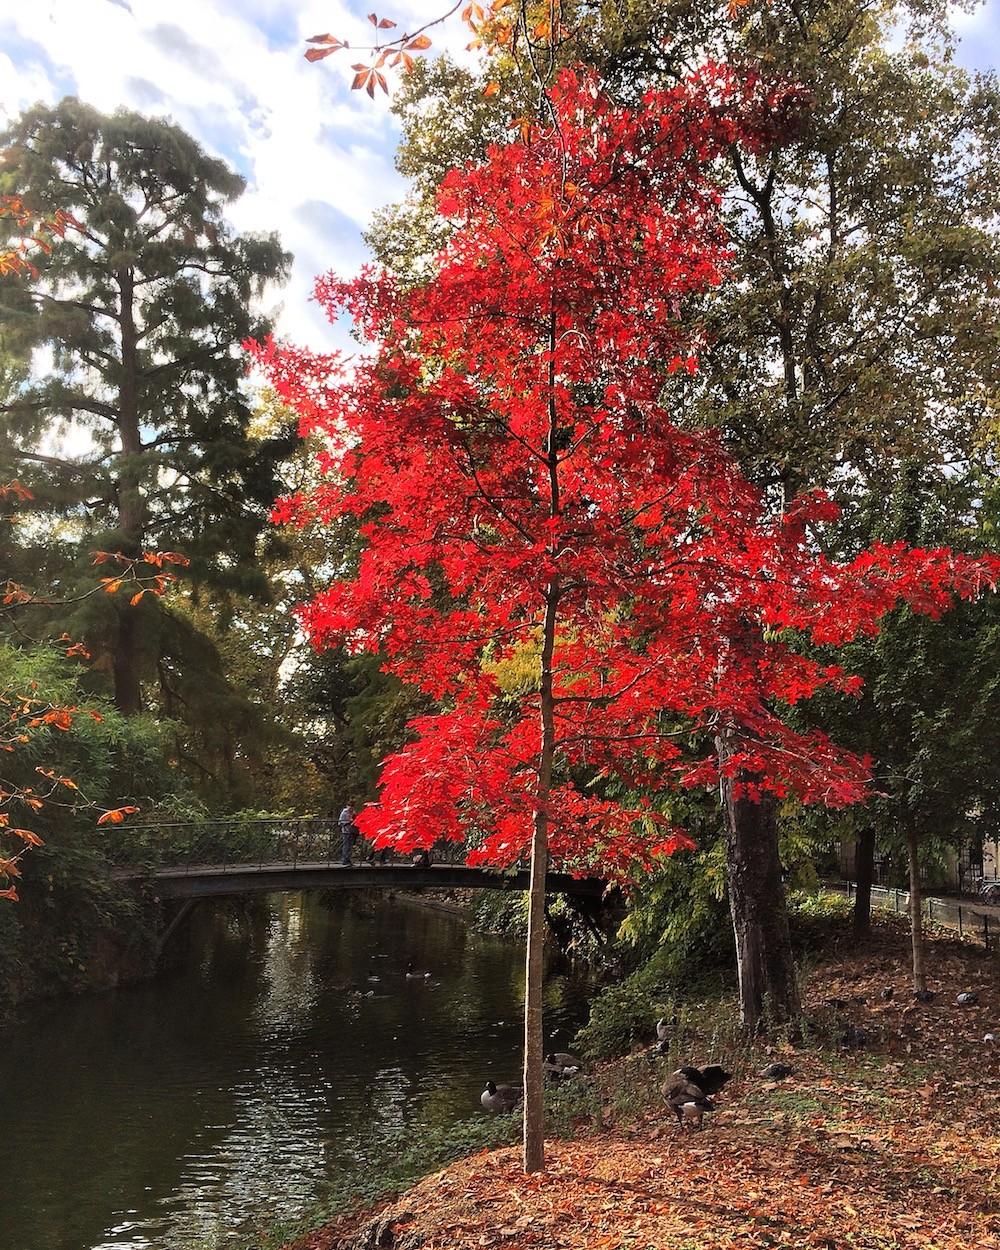 jardin-public-automne-2016-en-harmonie